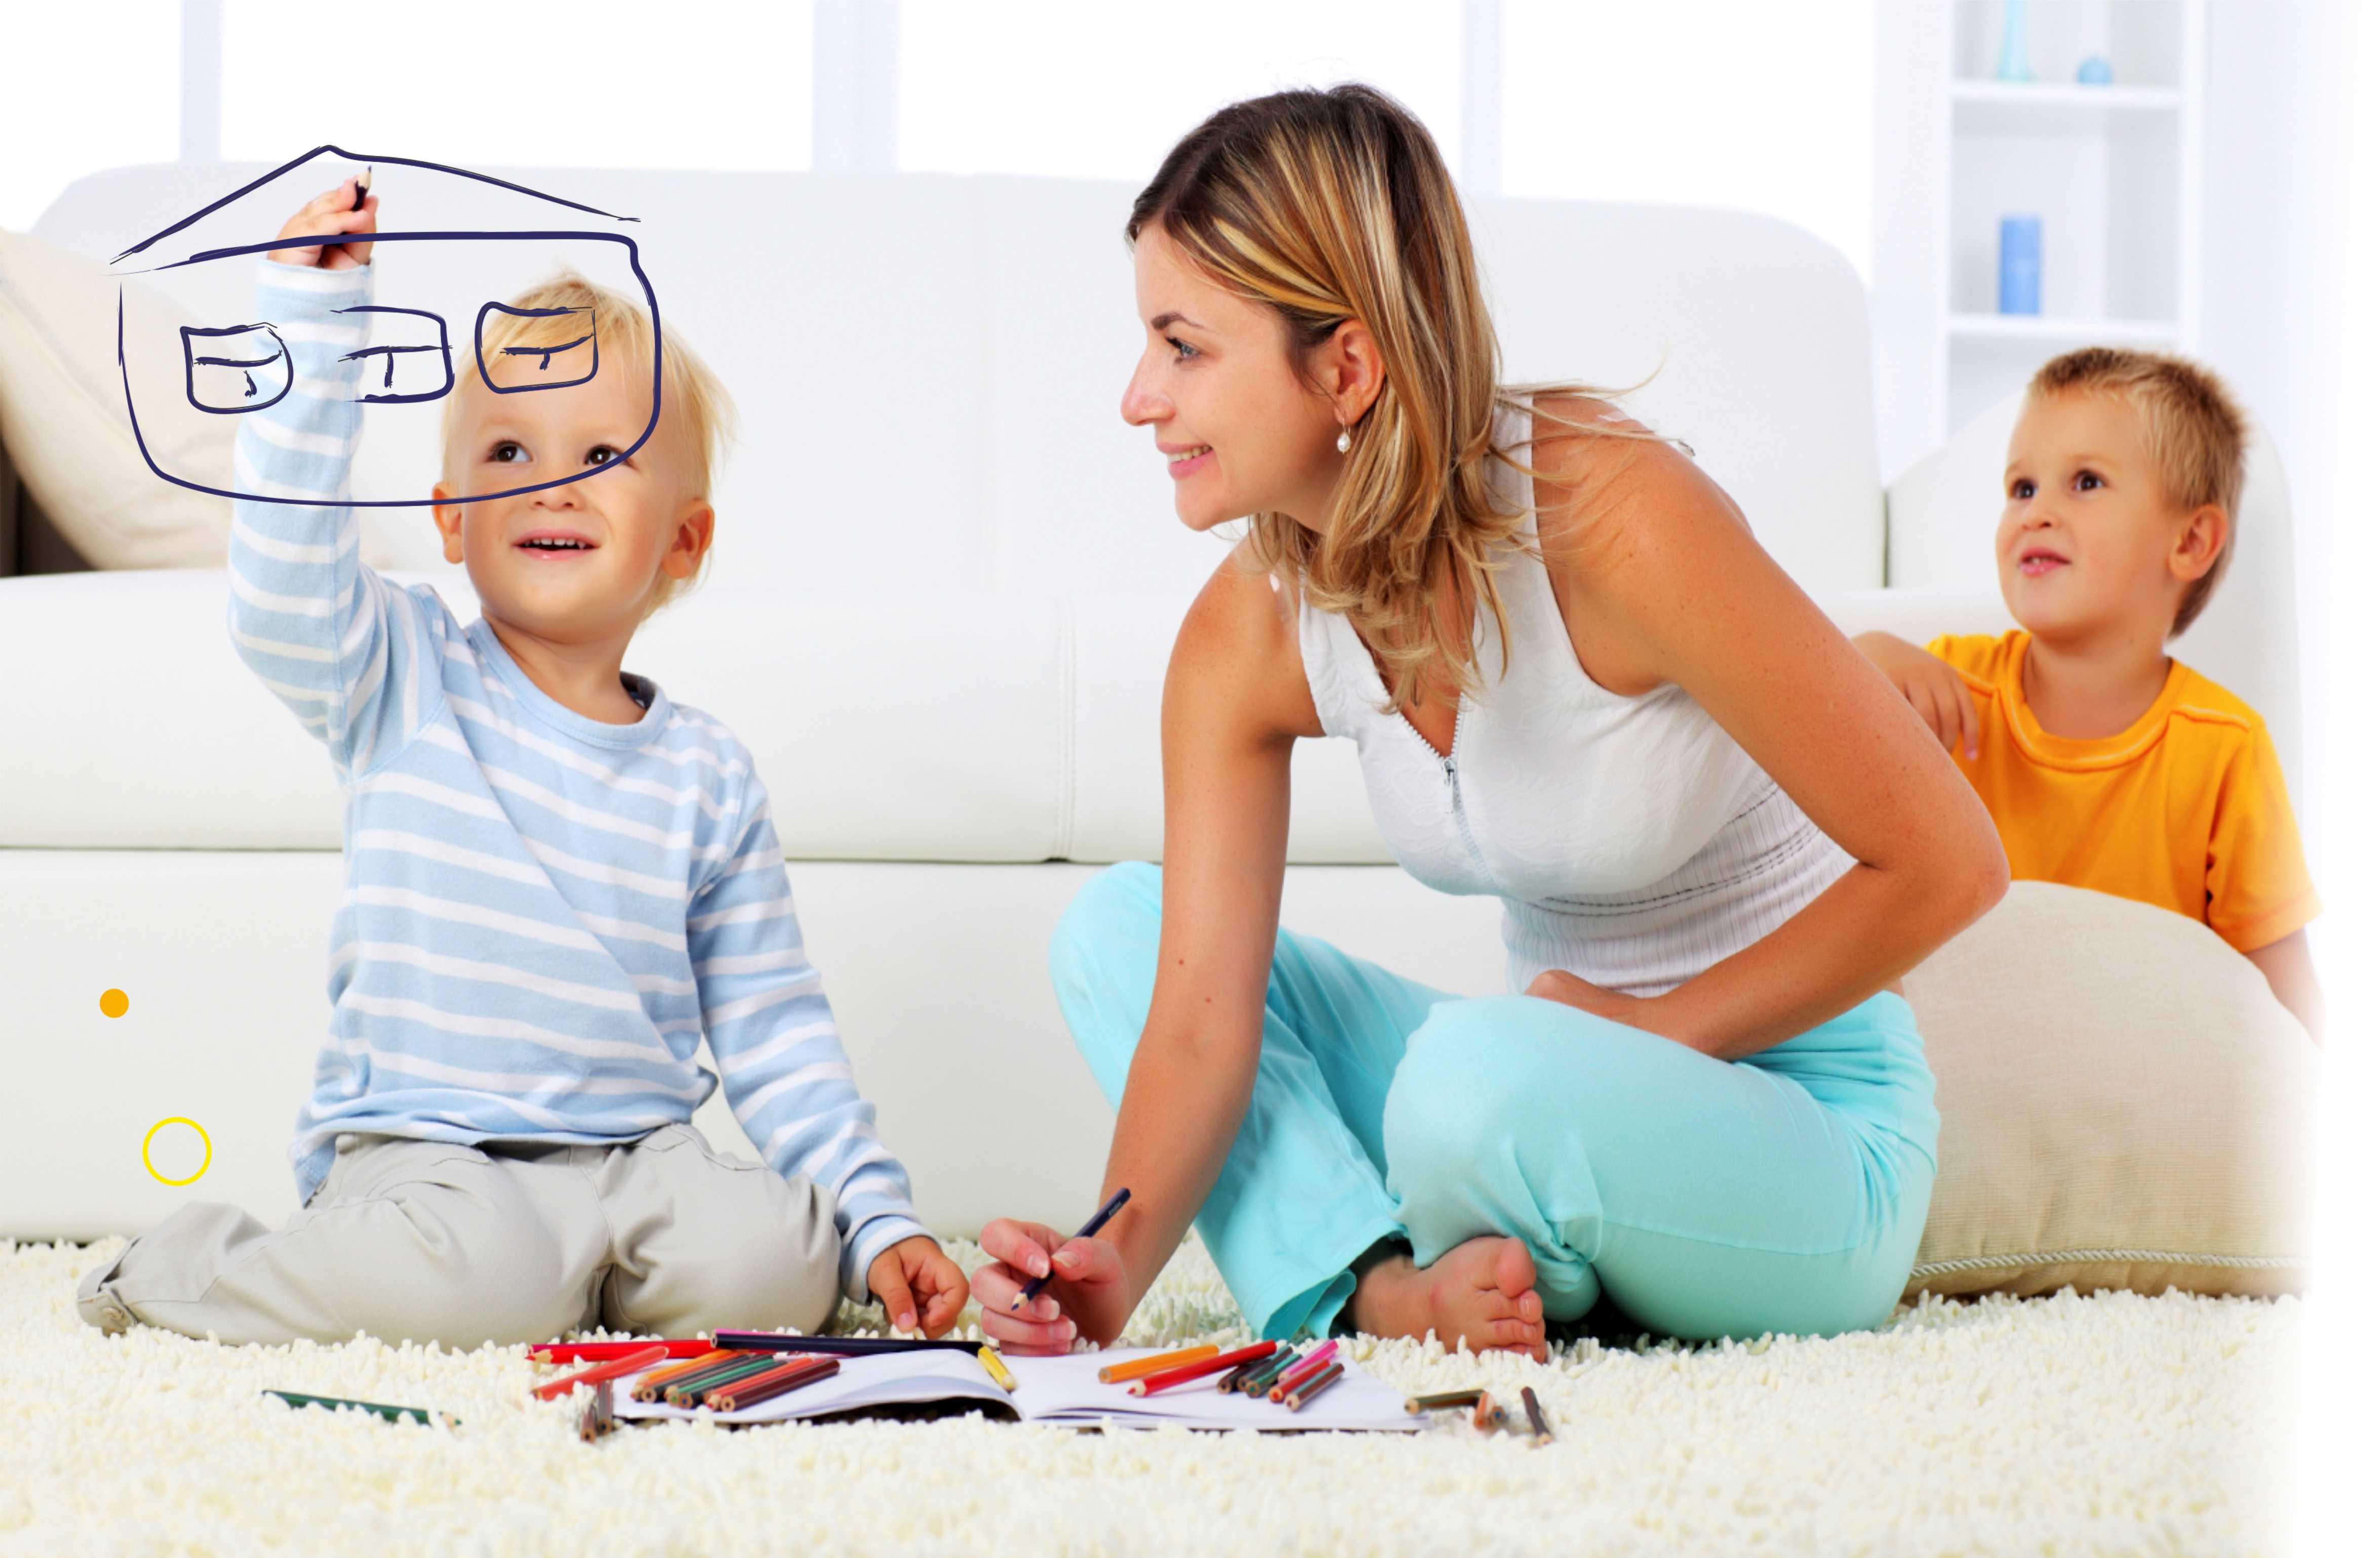 Выписать детей без согласия родителей